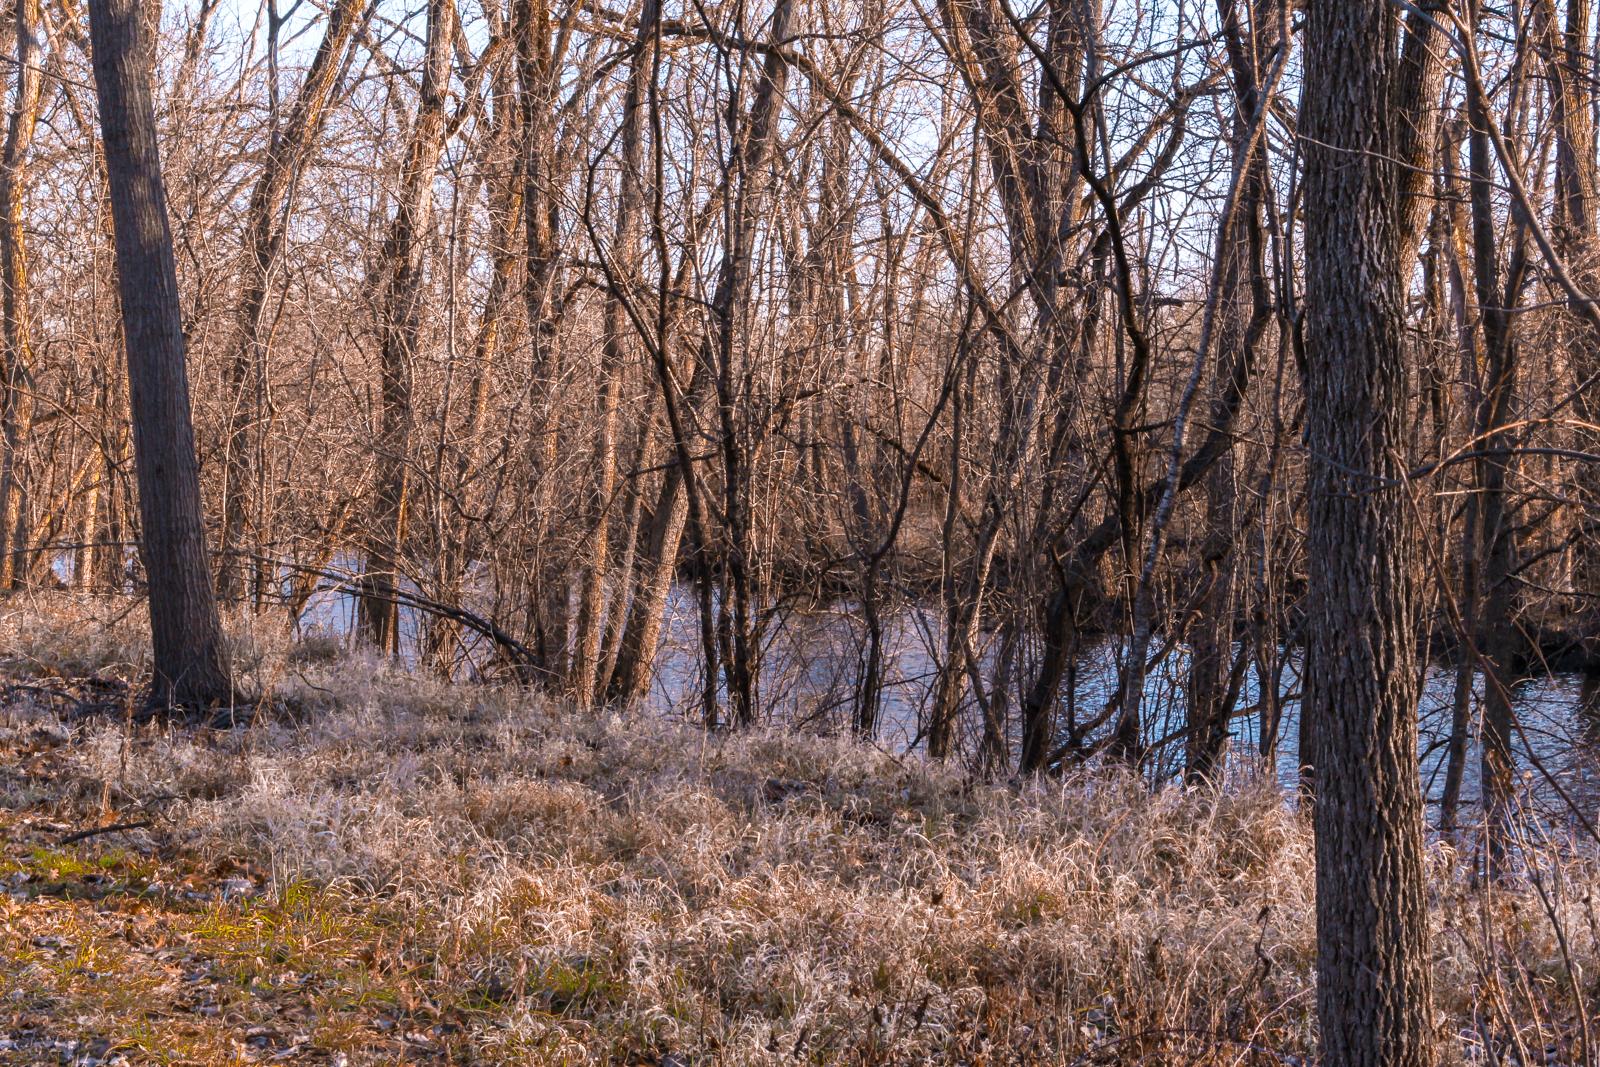 WatersmeetWoods©DanMohr2019-3.jpg